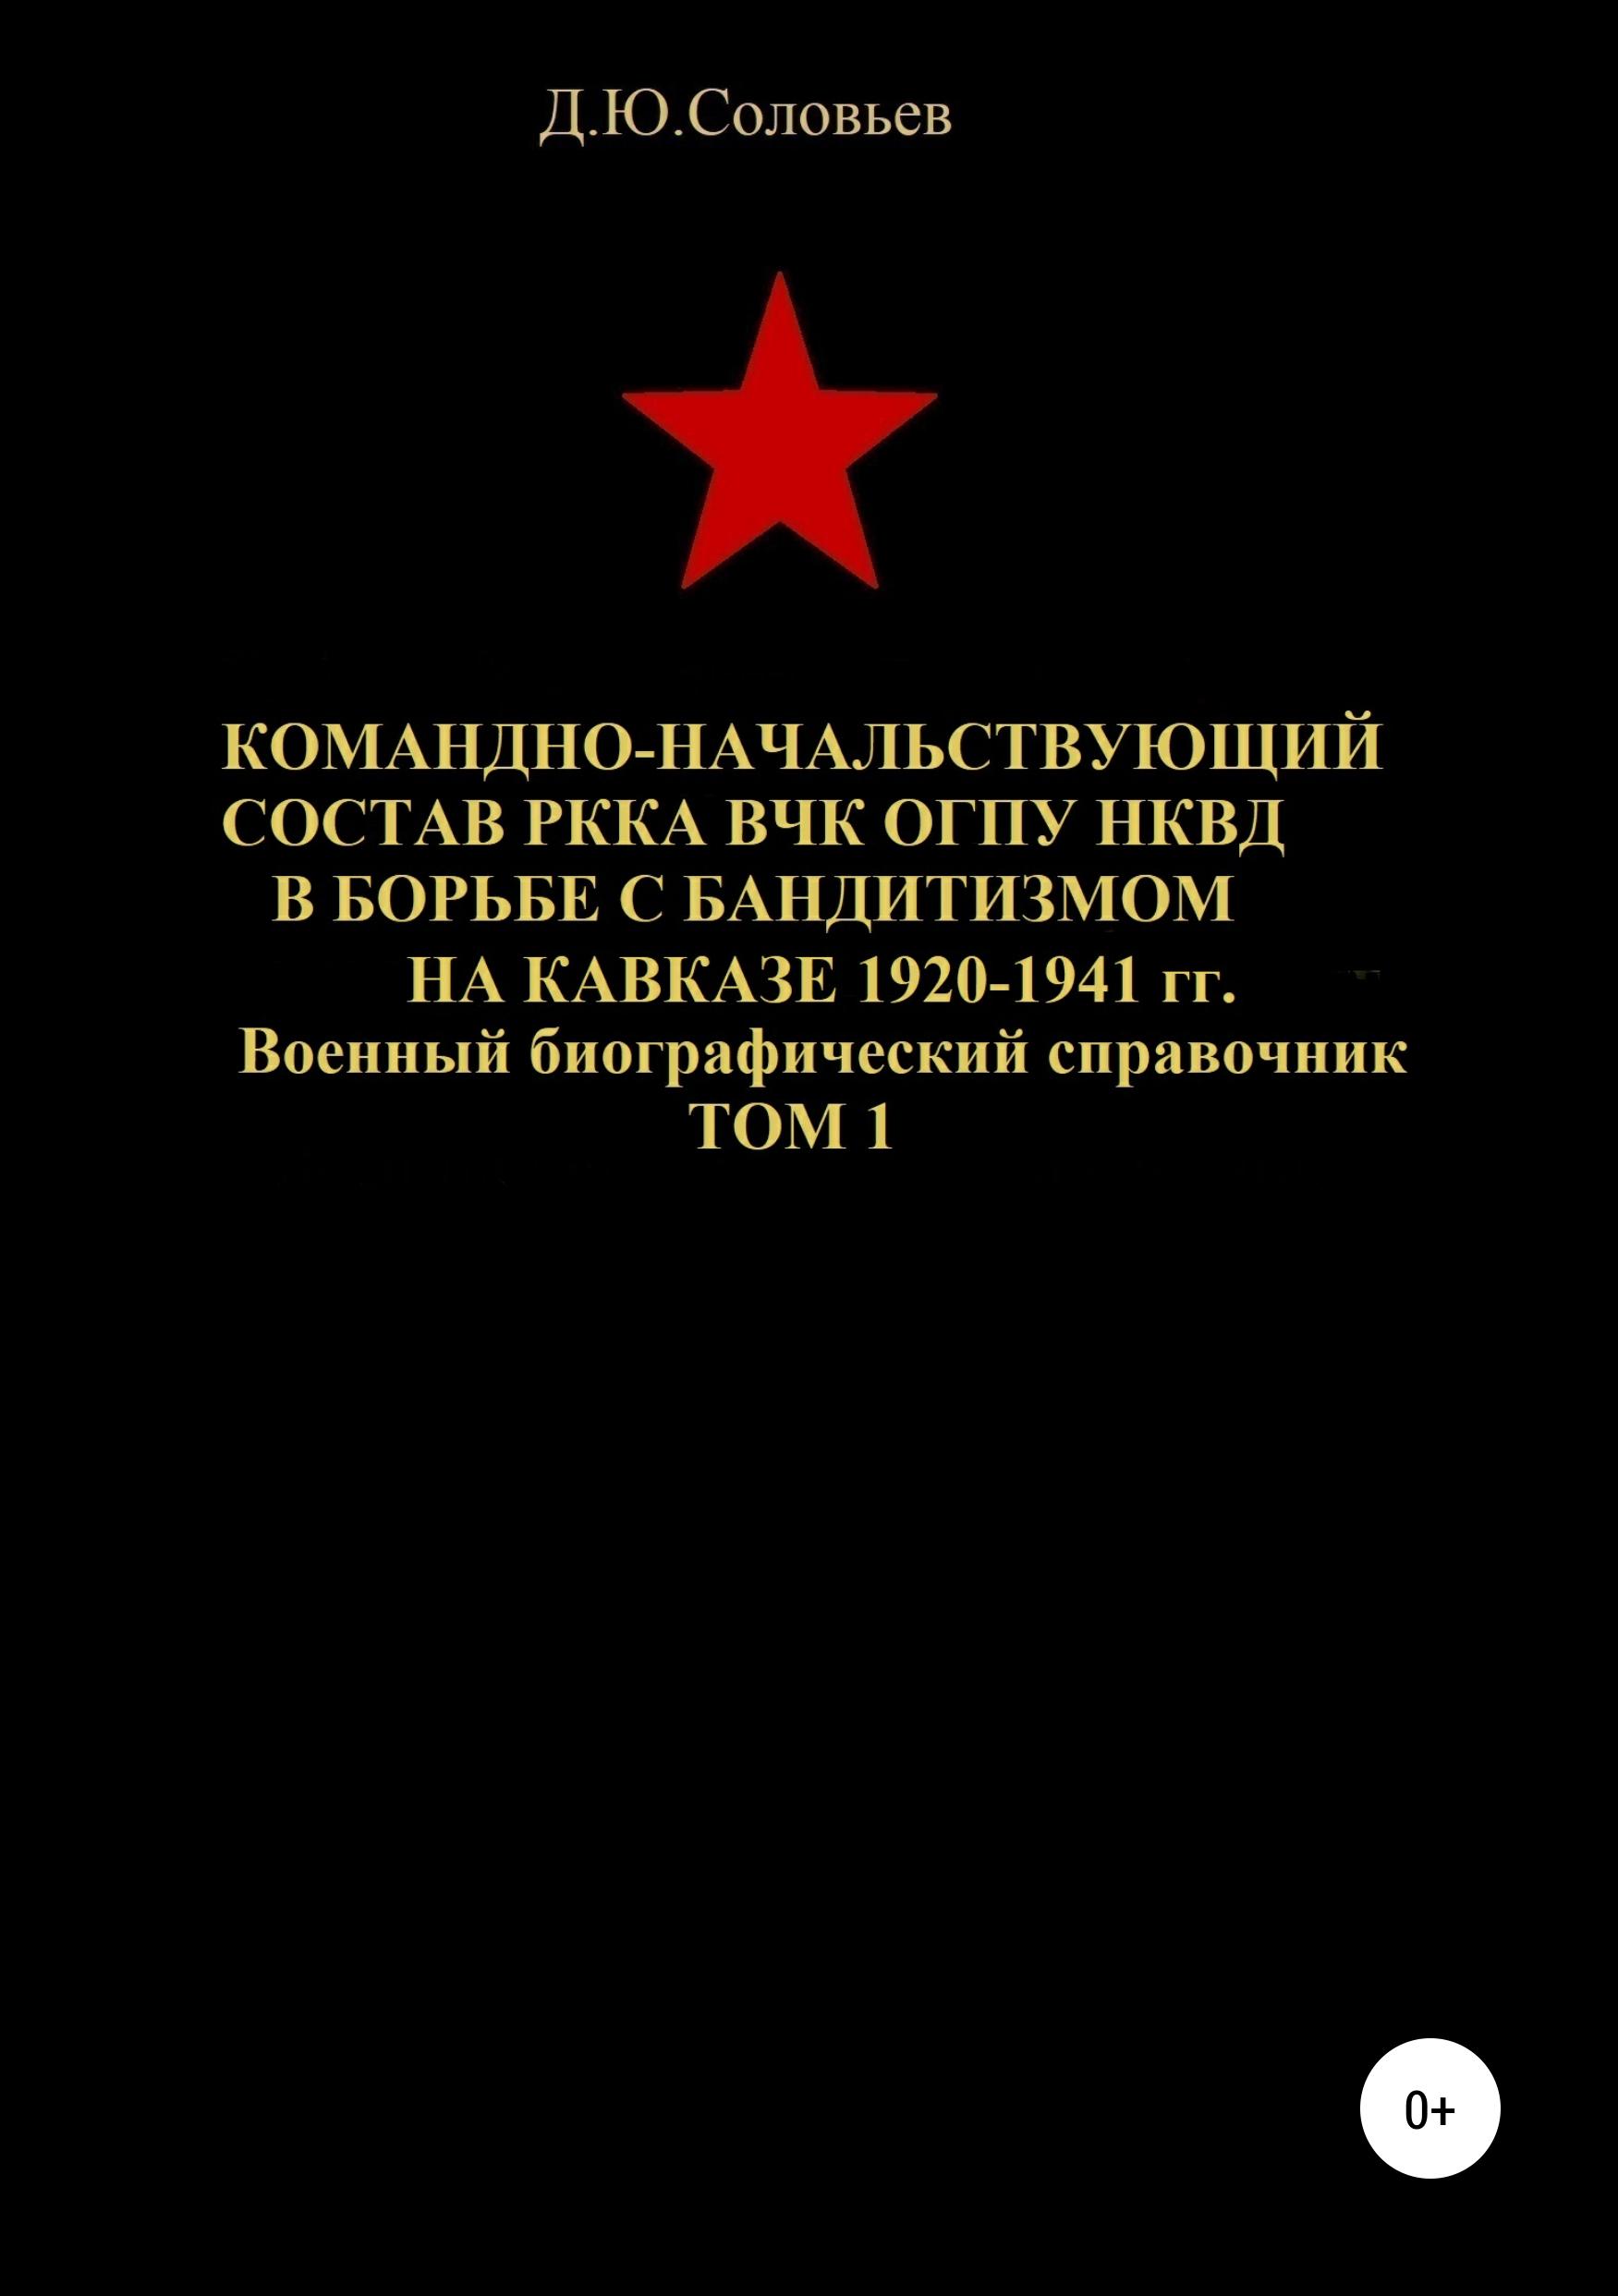 Командно-начальствующий состав РККА, ВЧК, ОГПУ, НКВД в борьбе с бандитизмом на Кавказе в 1920-1941 гг. Том 1